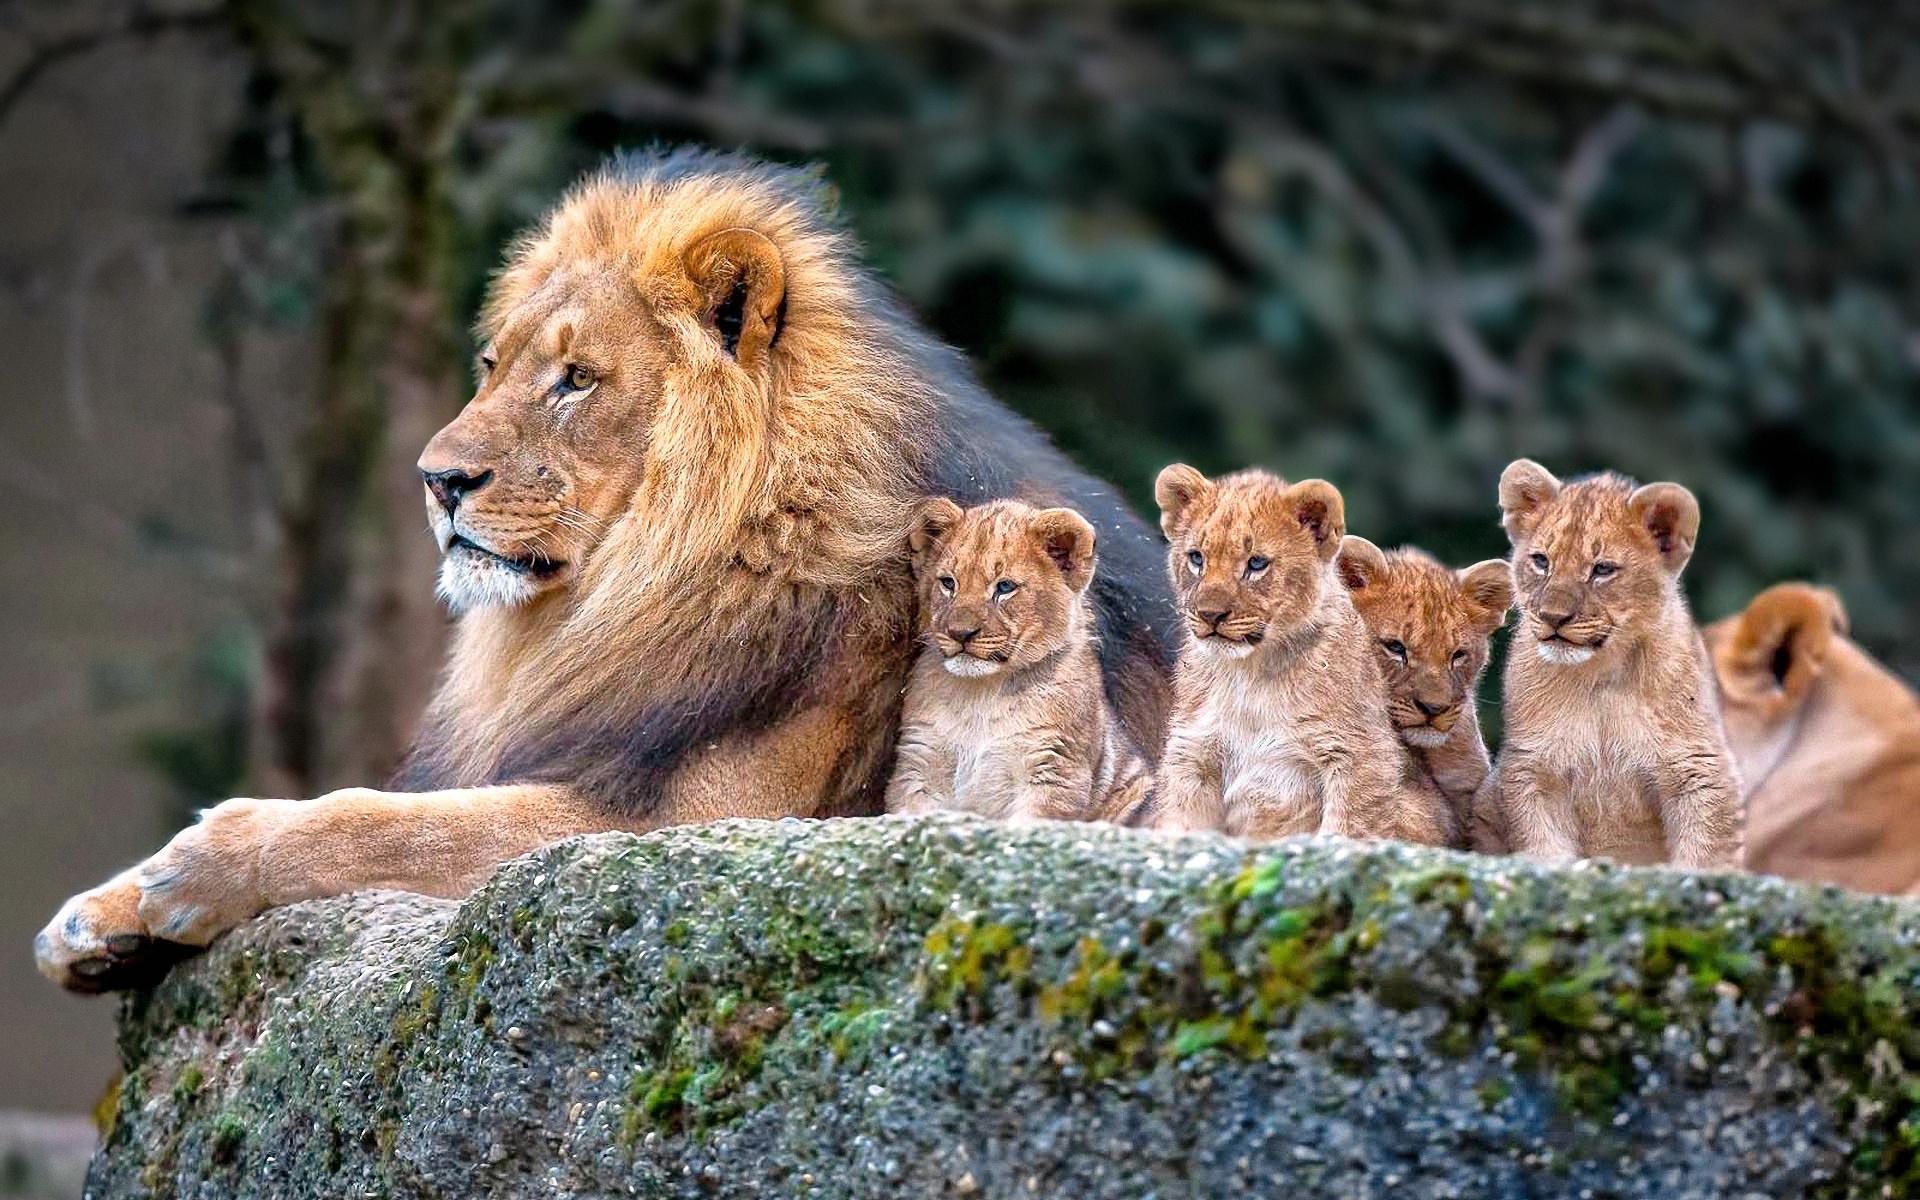 загрузить фото львов оснастил свое